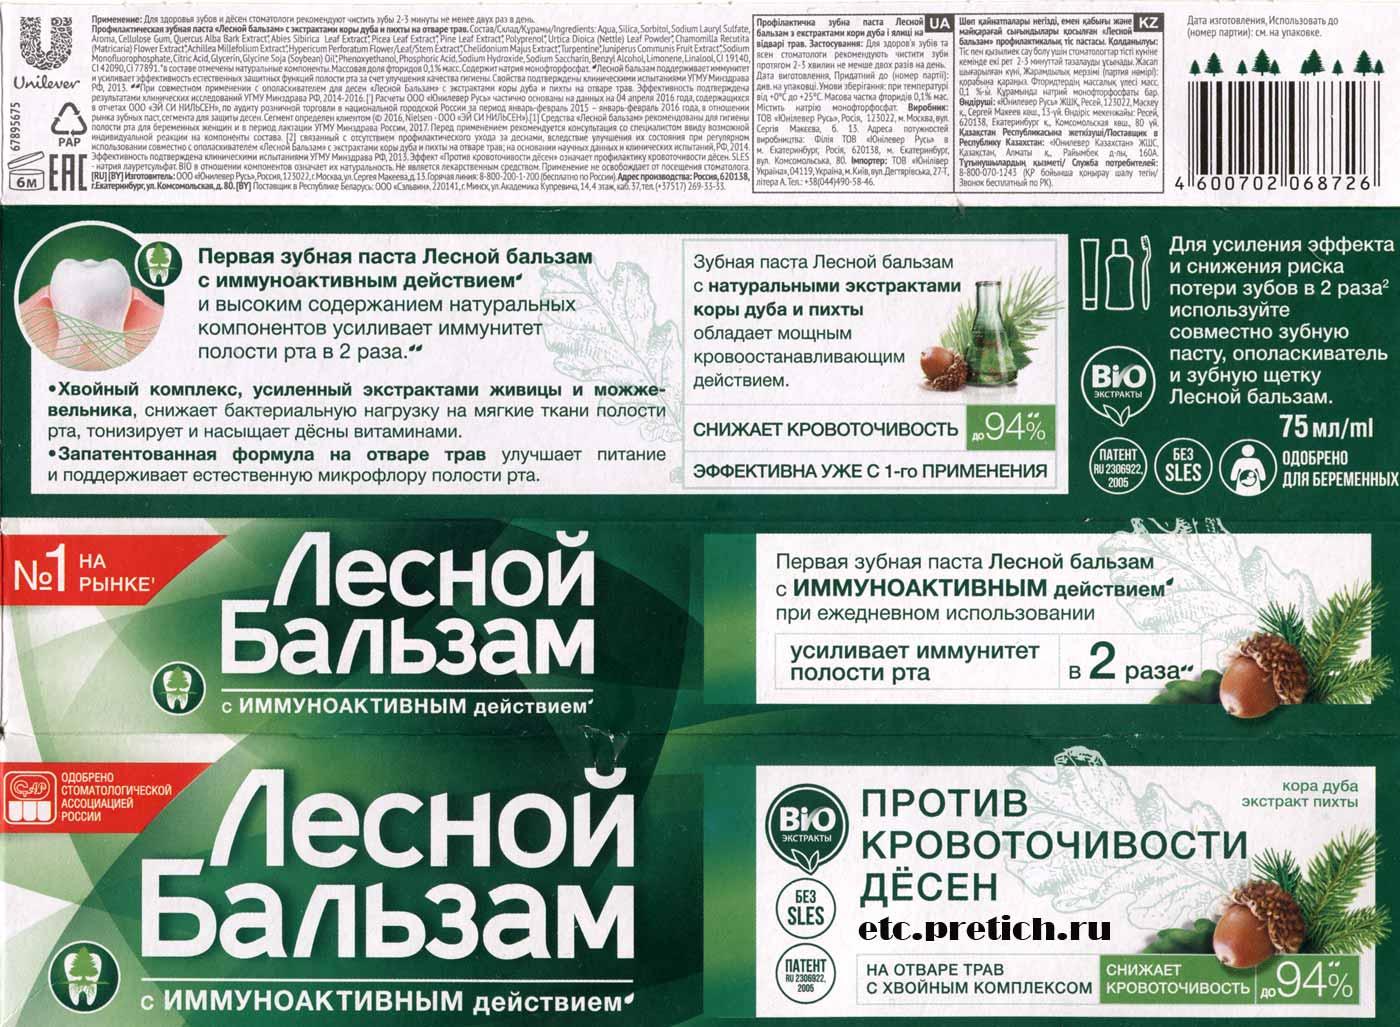 Вся информация по зубной пасте Лесной бальзам от кровоточащих десен